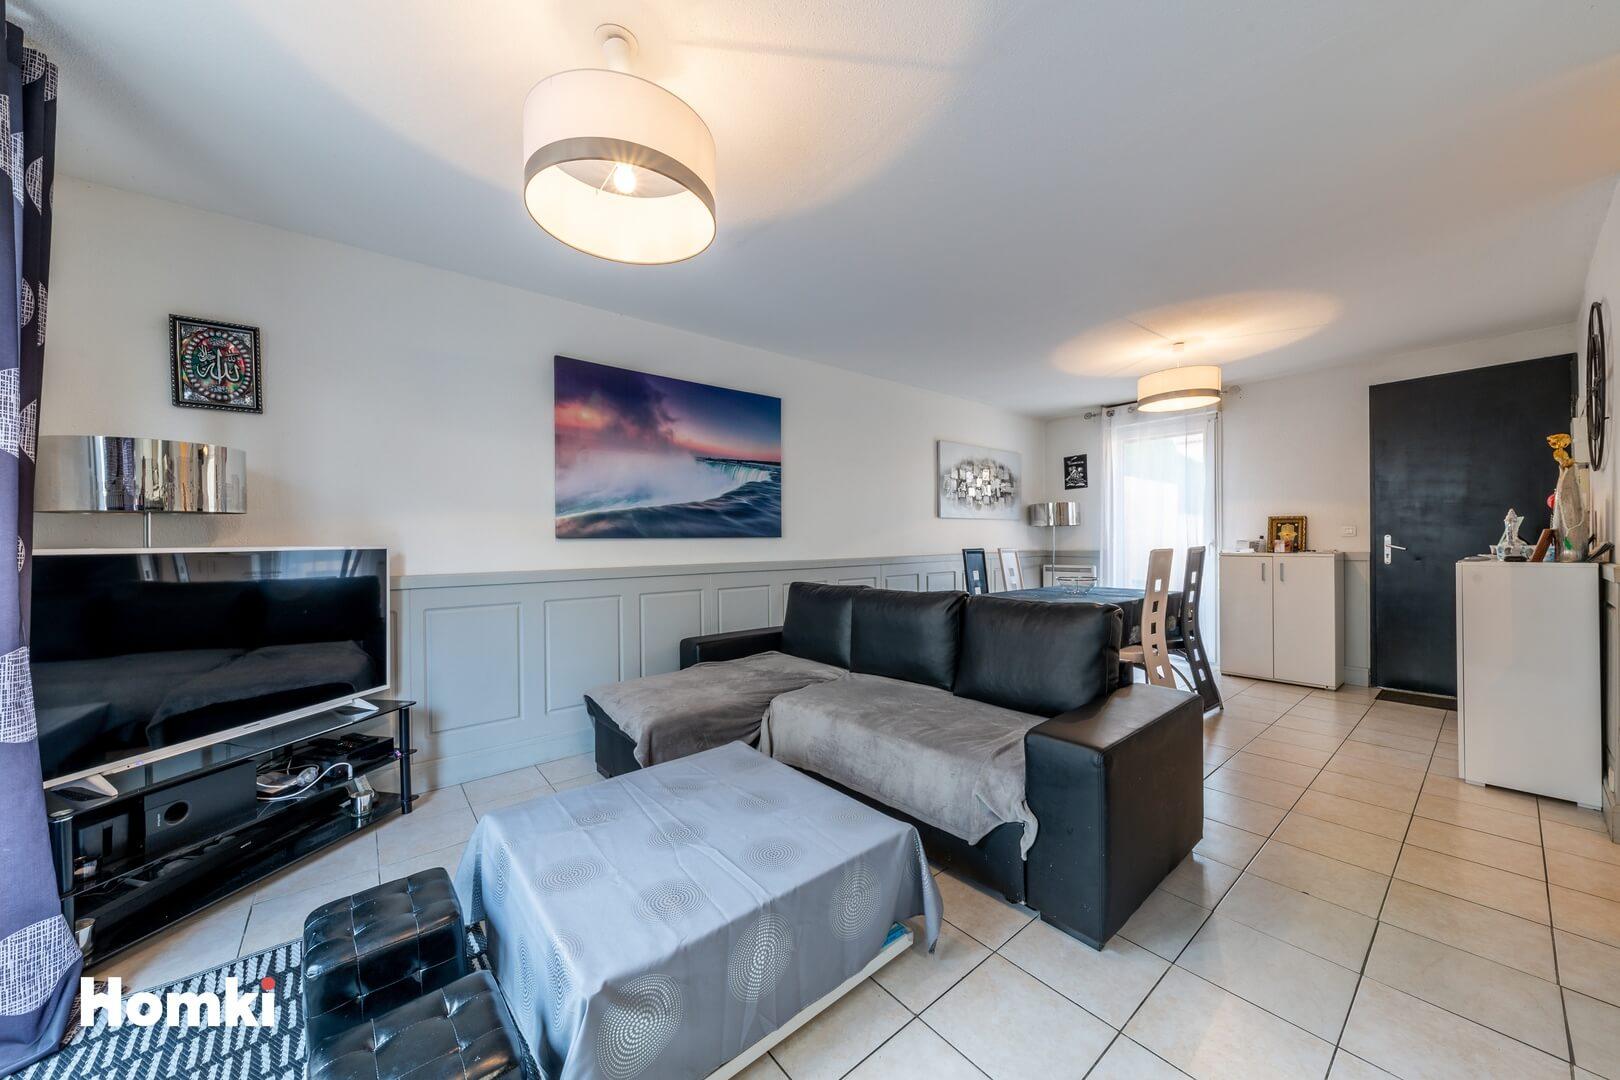 Homki - Vente Maison/villa  de 76.0 m² à Marseille 13015